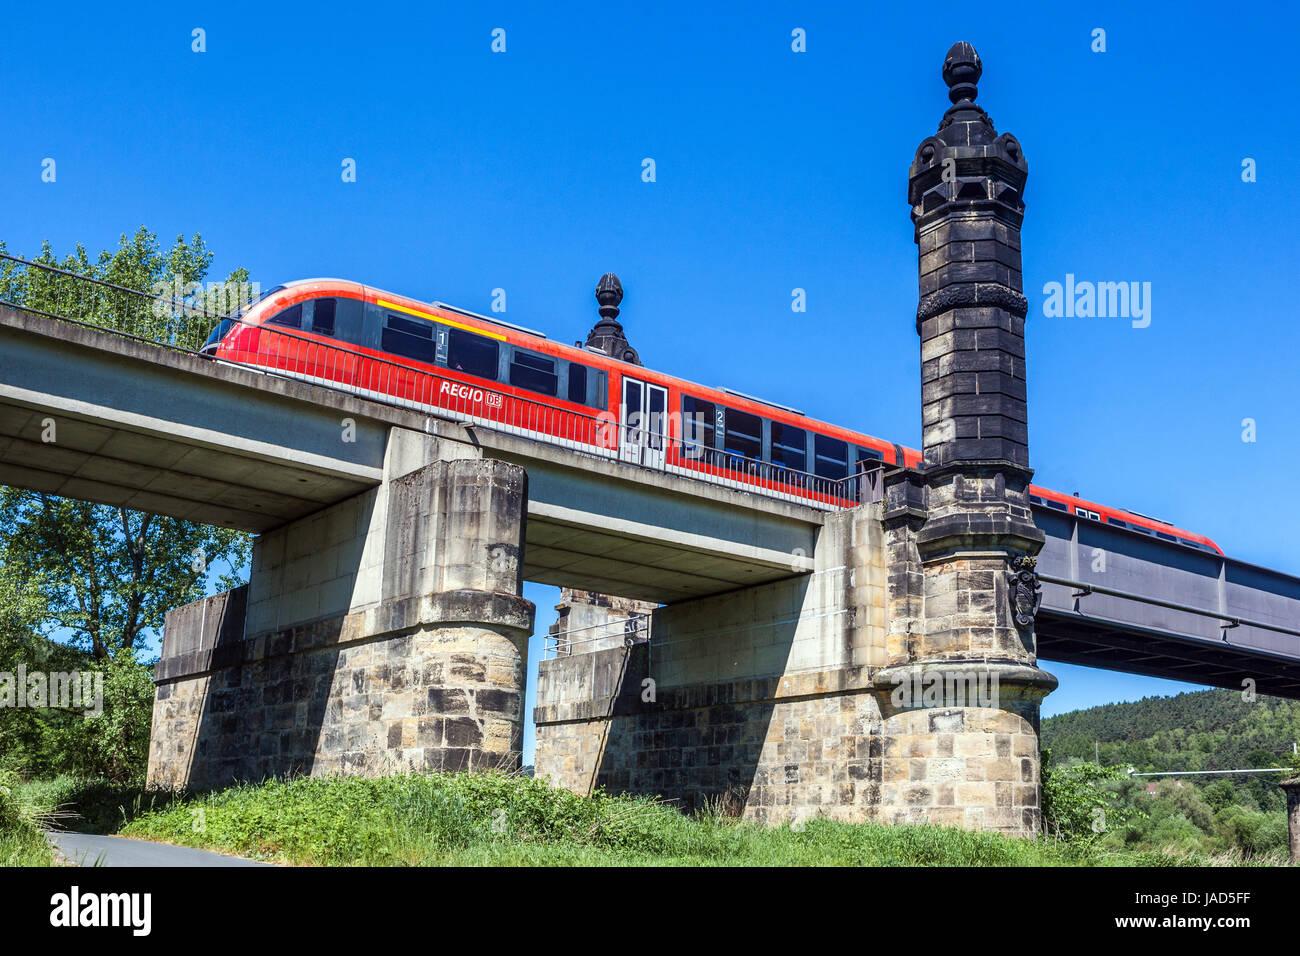 Regionale Zug passiert Eisenbahnbrücke, Bad Schandau, Sächsische Schweiz, Deutschland, Europa Stockbild